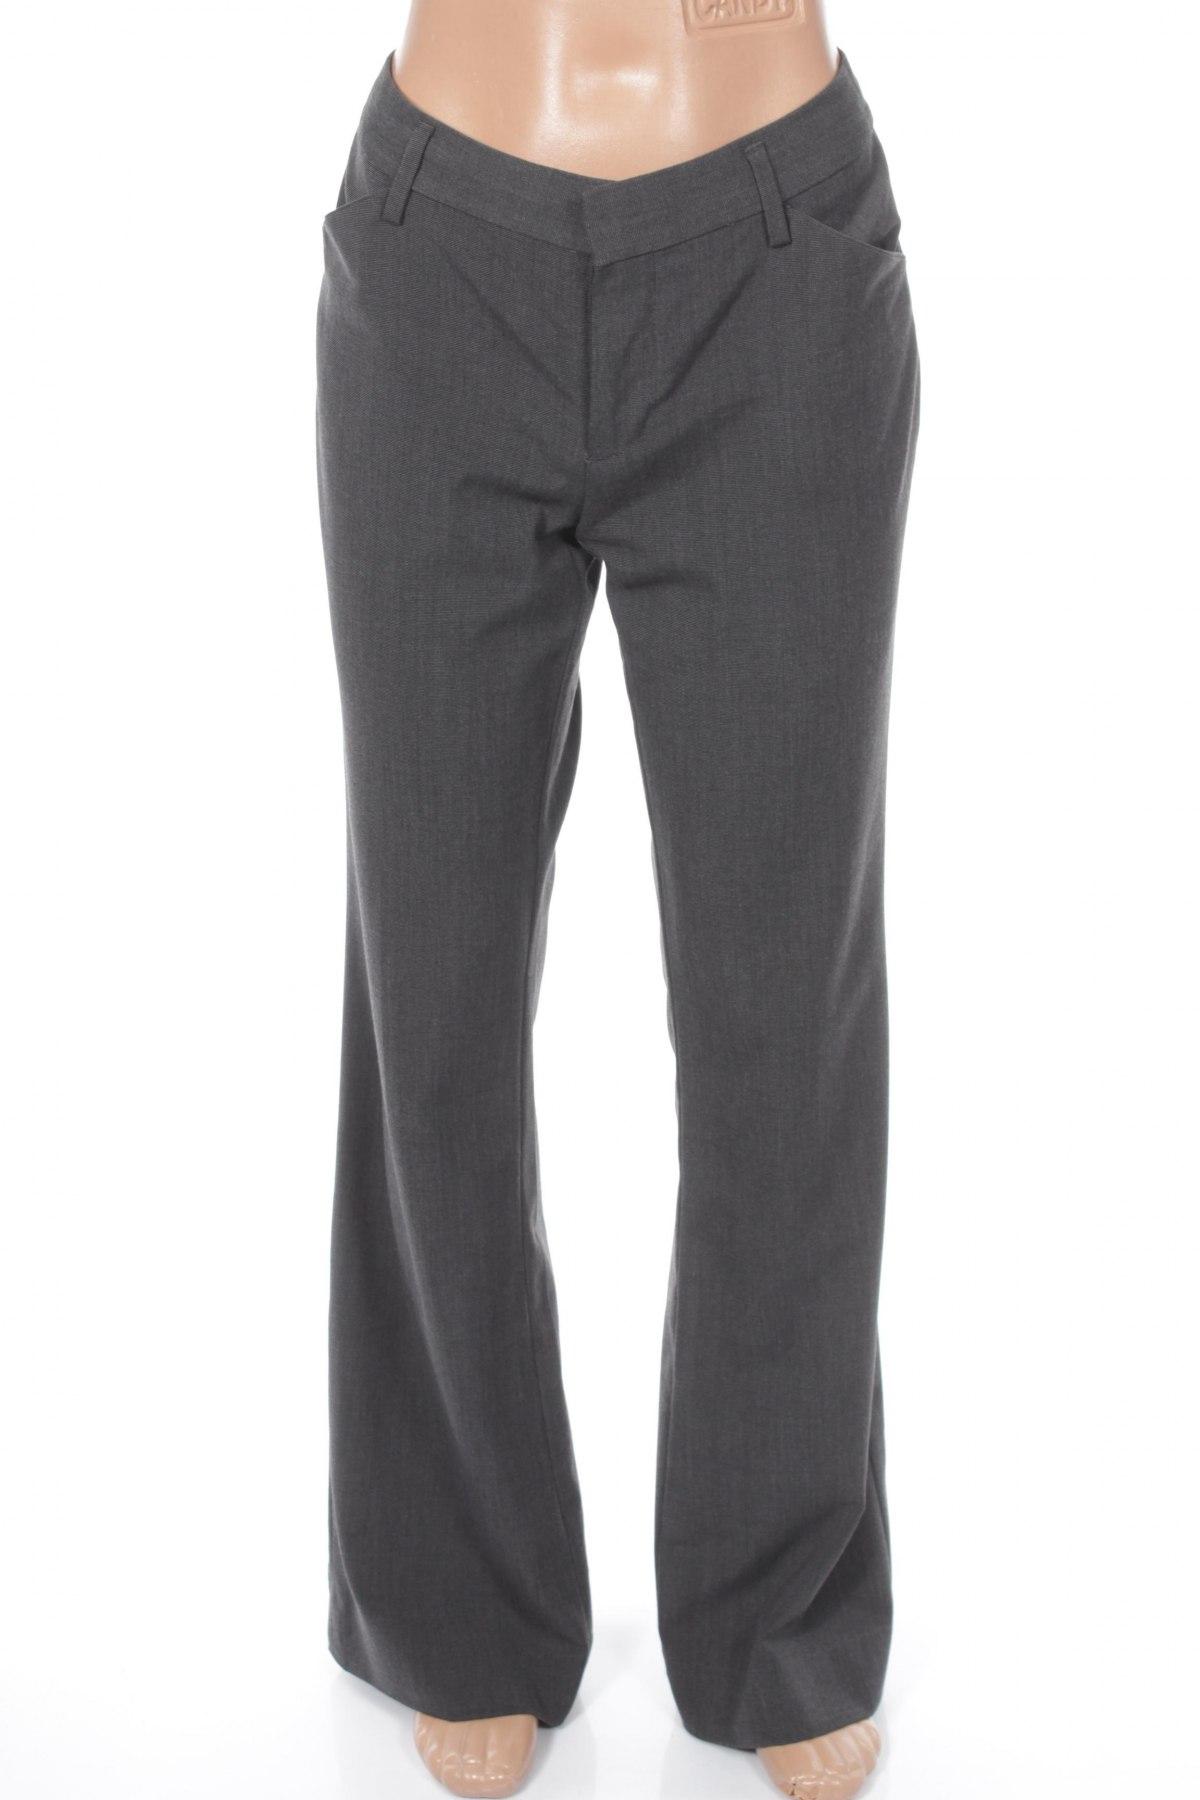 52aa63e6fbf5 Γυναικείο παντελόνι Gap - αγοράστε σε τιμή που συμφέρει στο Remix ...